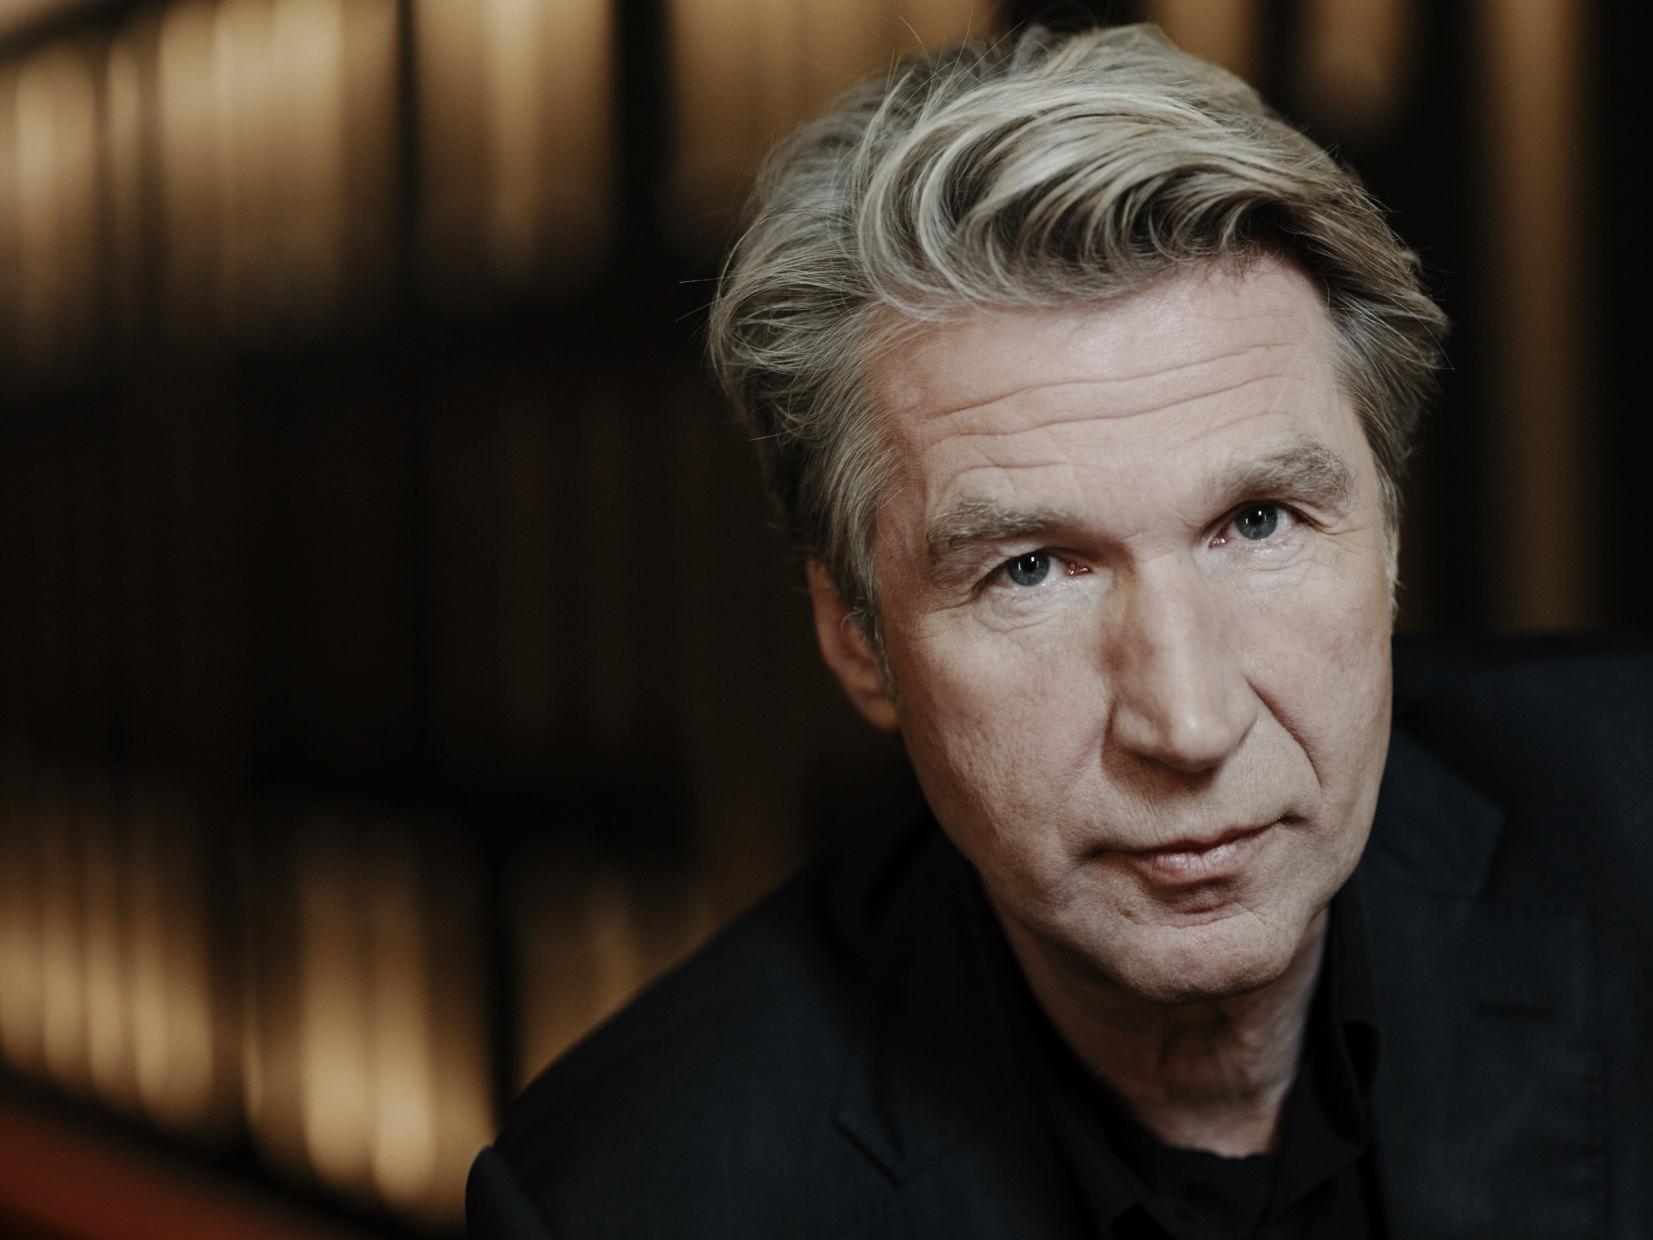 Frank Boeijen persfoto 2015